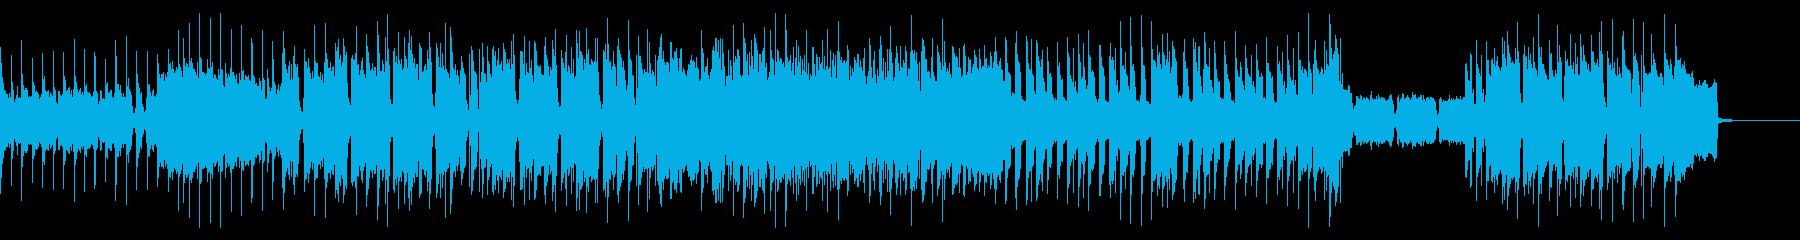 ザ・ロックなインスト(ギターソロ抜き)の再生済みの波形